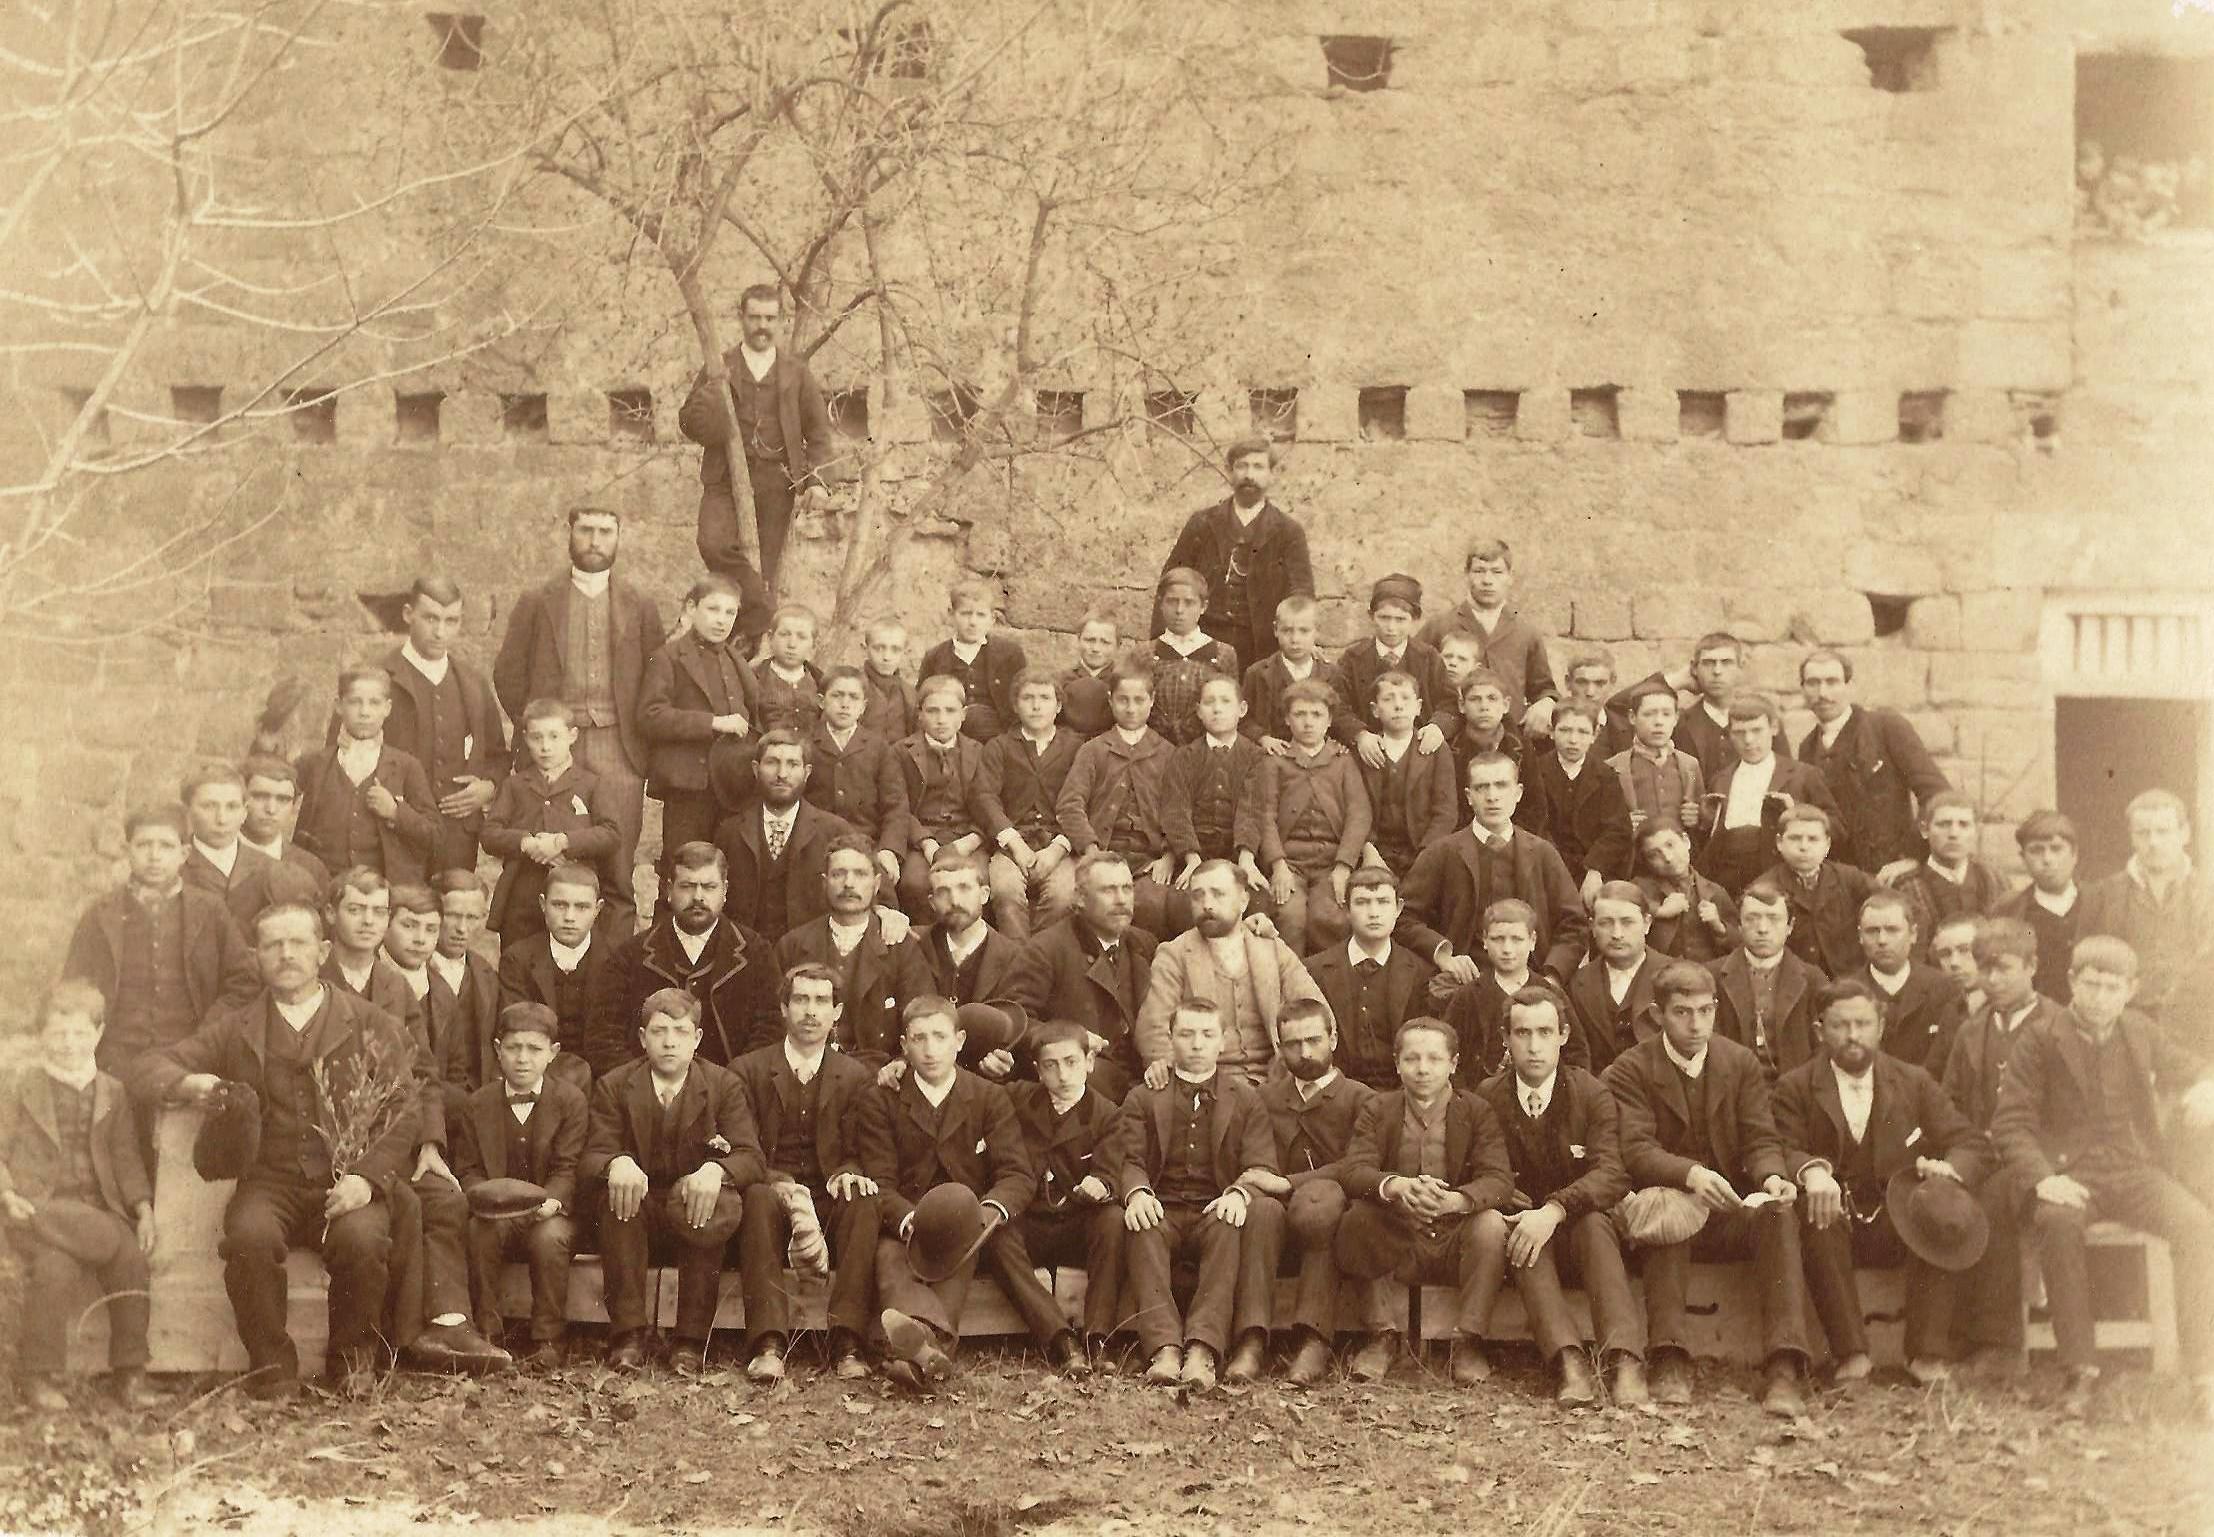 Profesorado y alumnos de la Escuela de Artes y Oficios. 1891